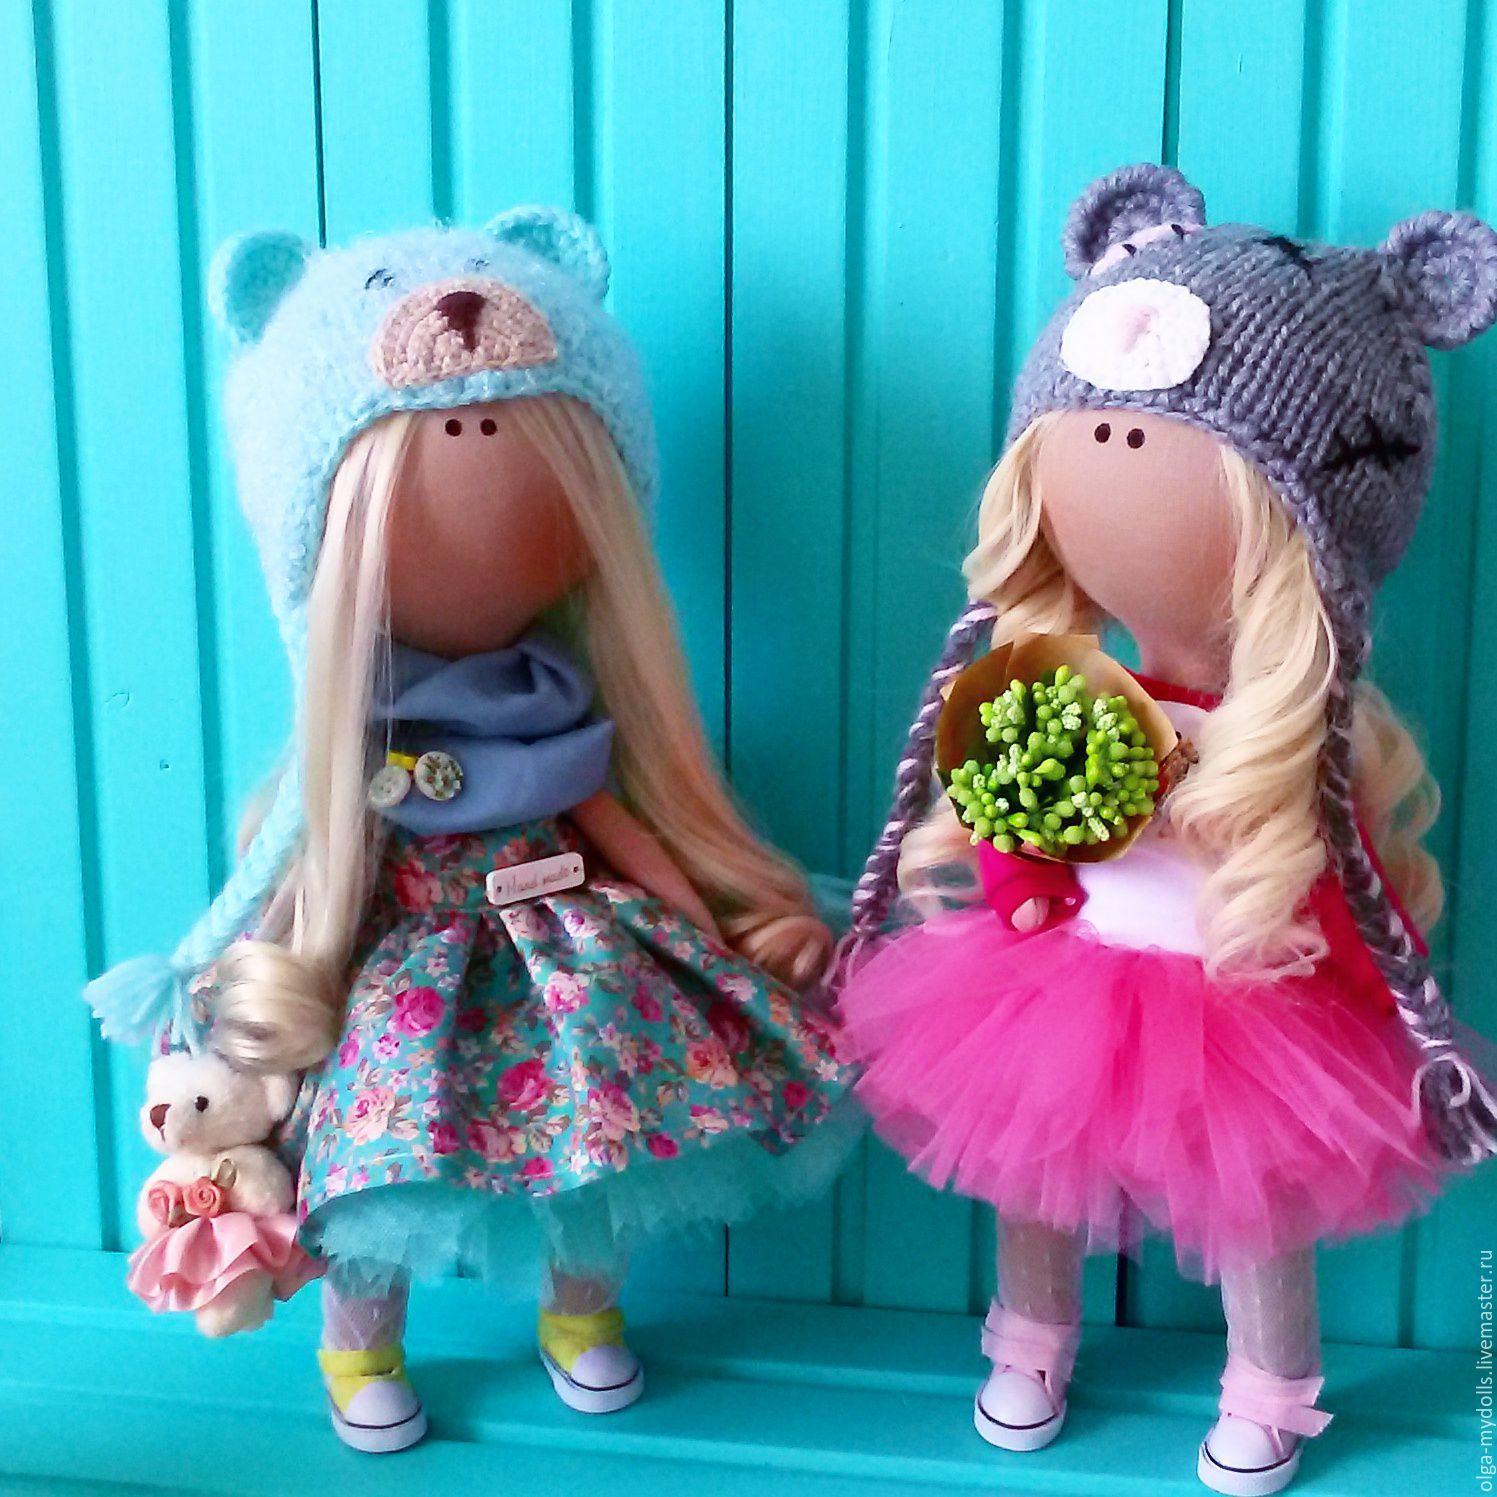 Bilder auf Anfrage viele handgefertigte Puppen